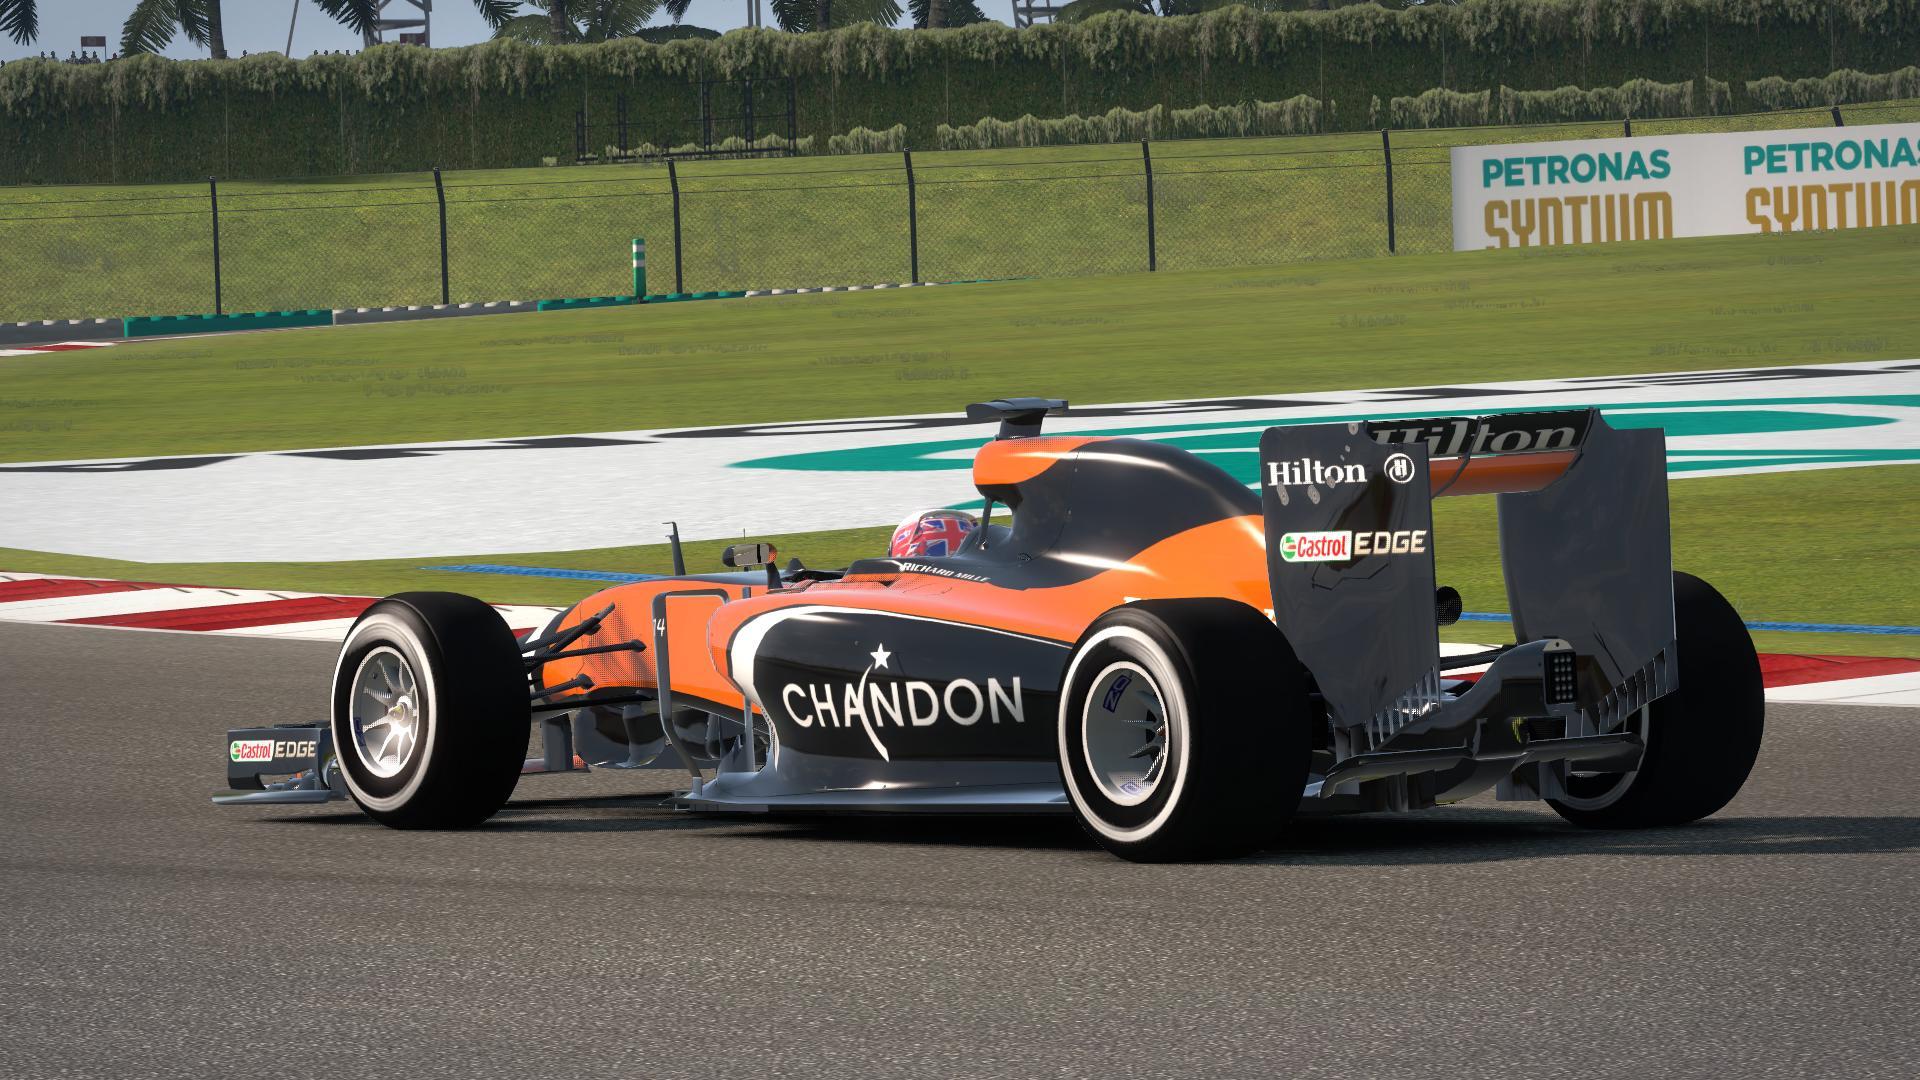 F1_2014 2017-05-05 16-32-11-10.jpg